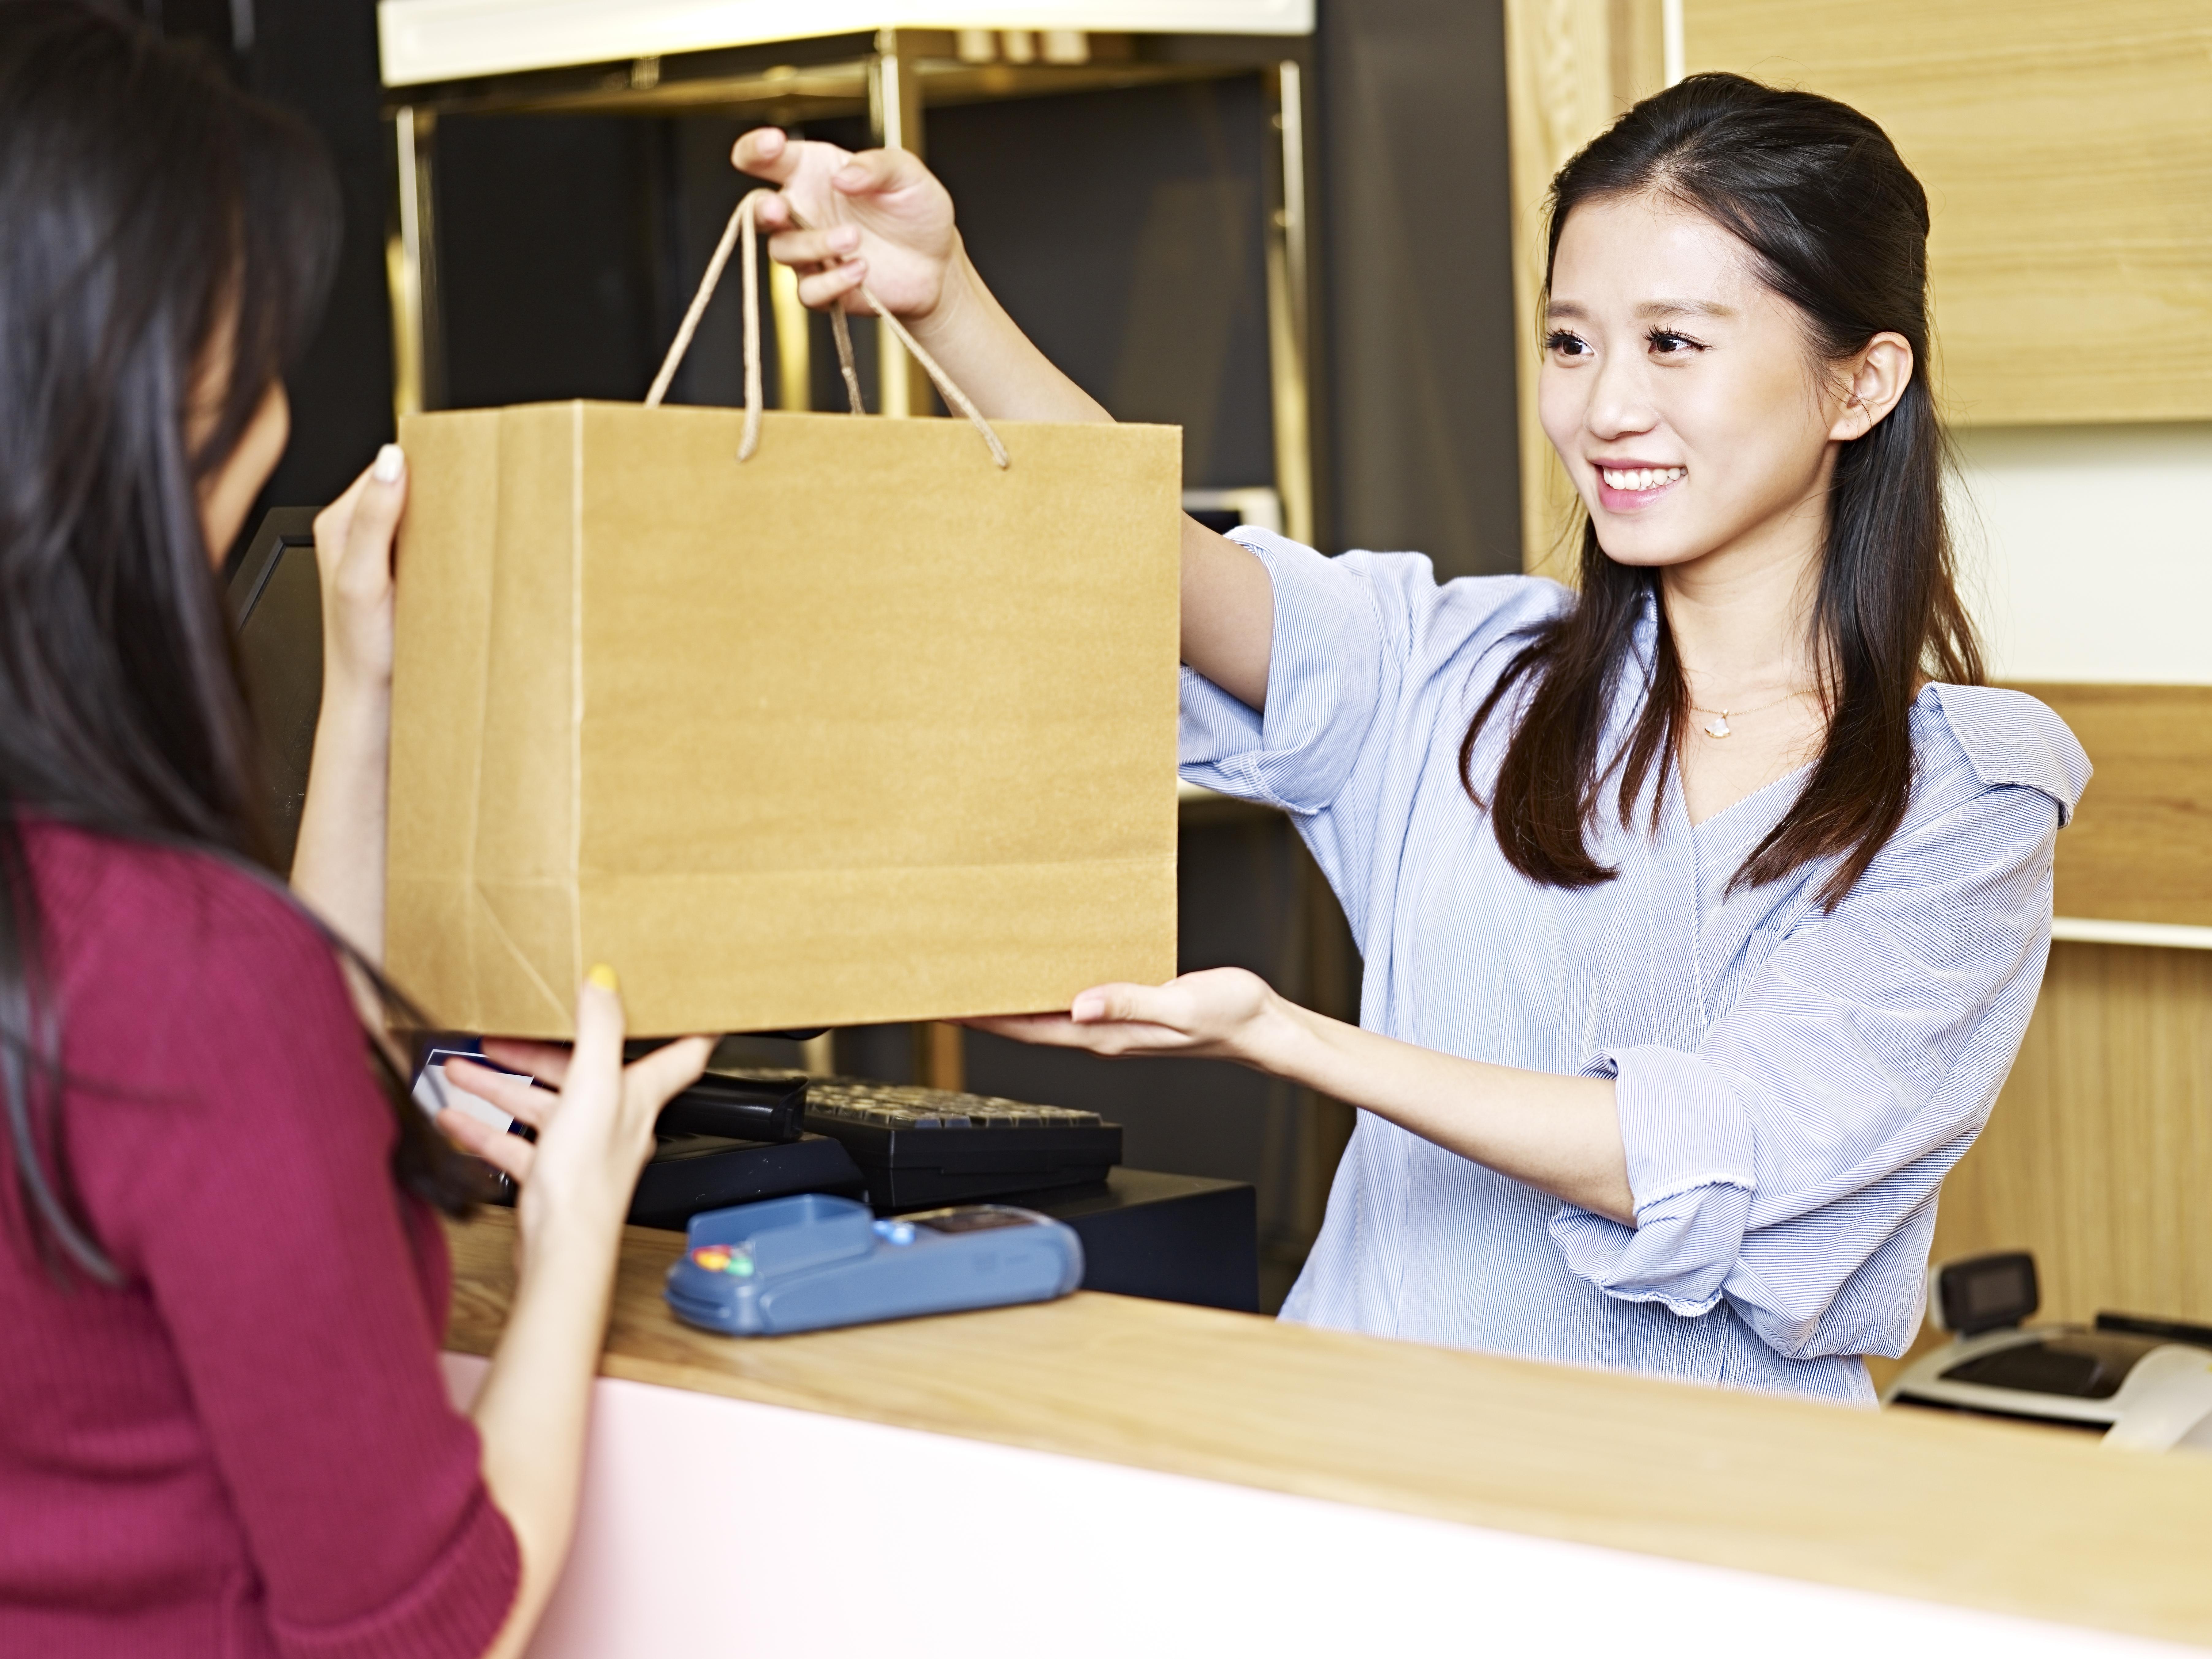 【中国語】キャリアアップが目指せる免税店の接客販売職募集@大阪